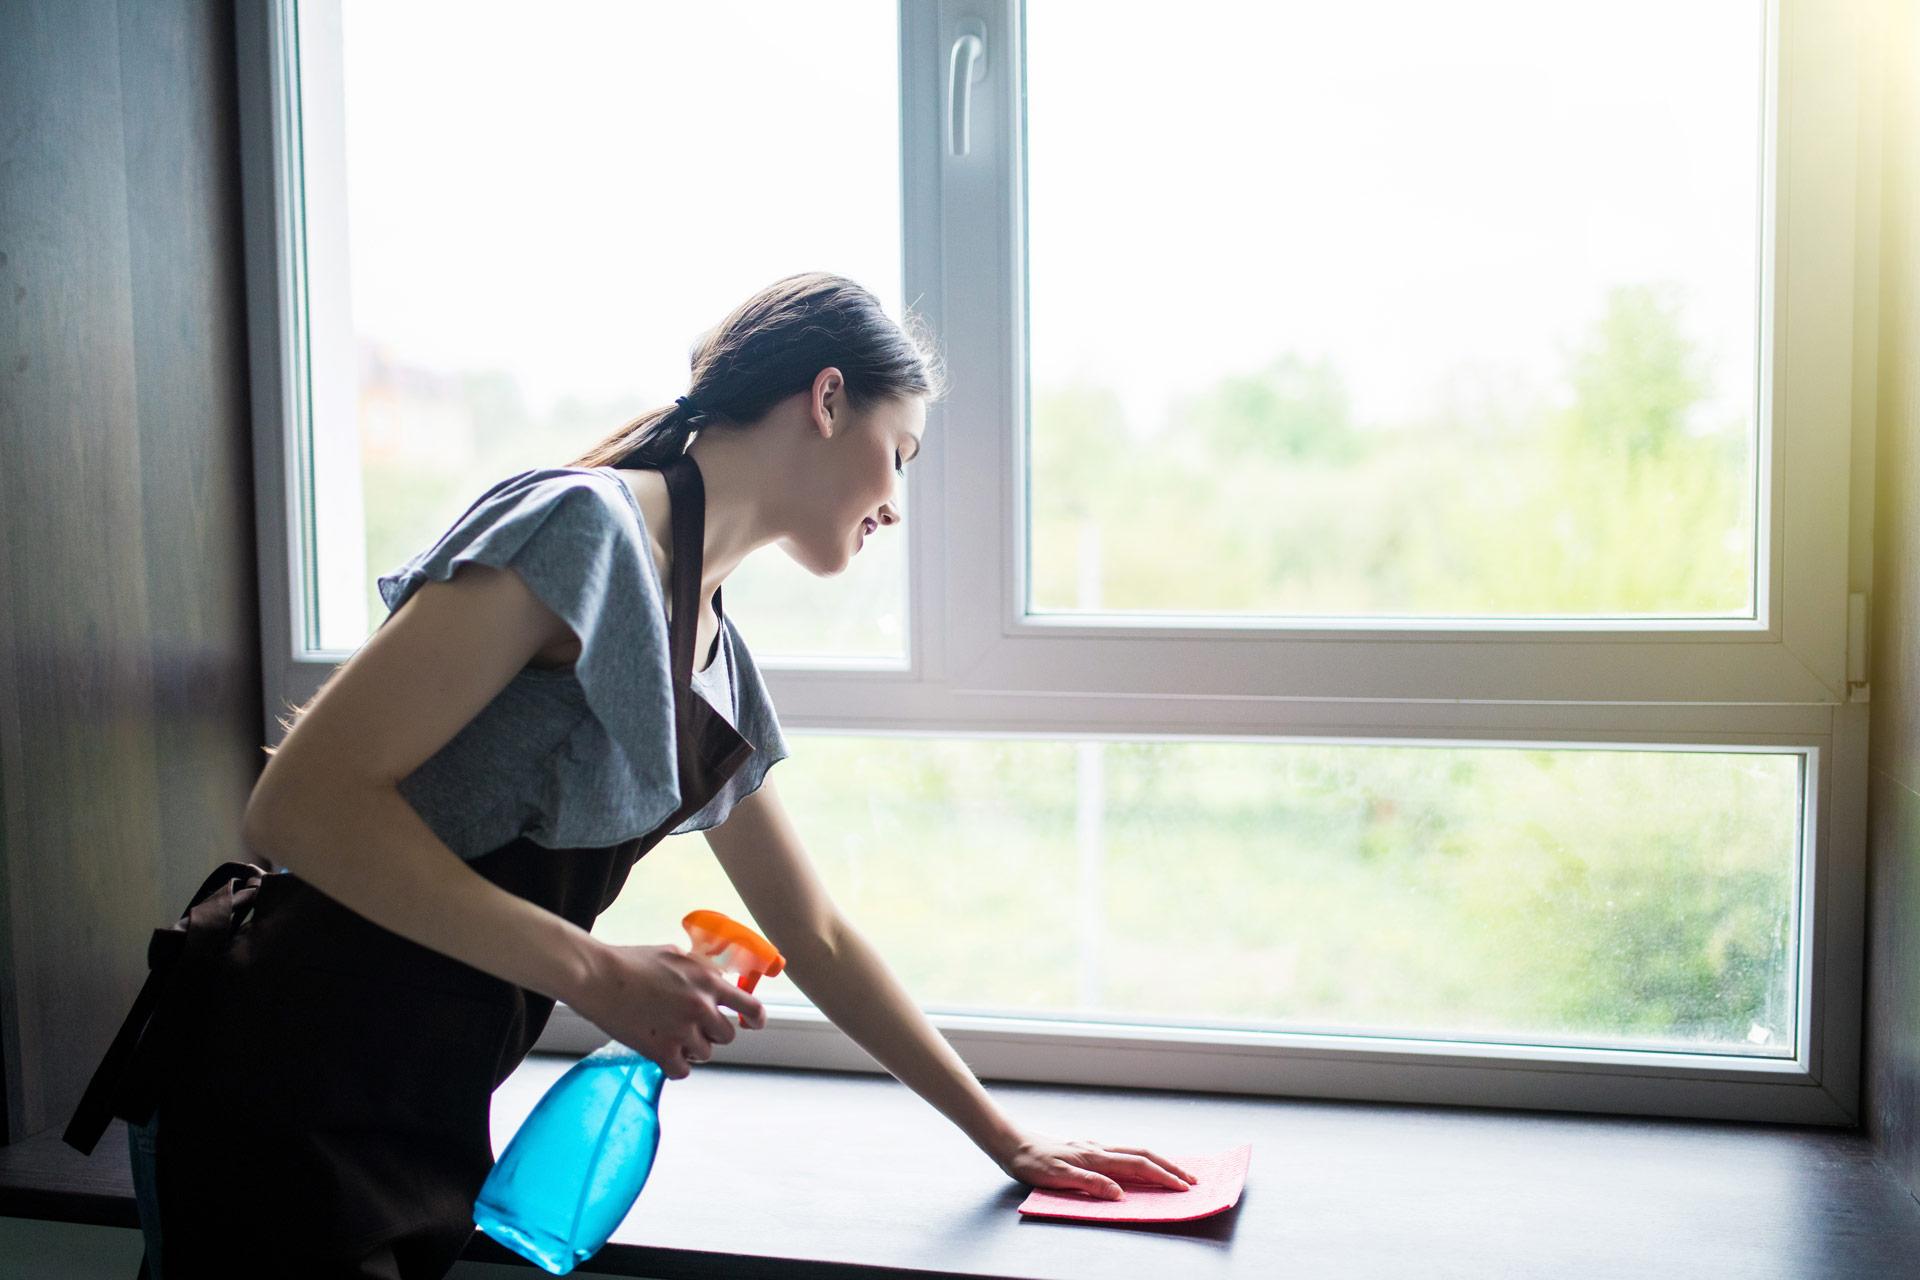 Empleadas del hogar internas y externas que limpian tu casa - Empleada en casa